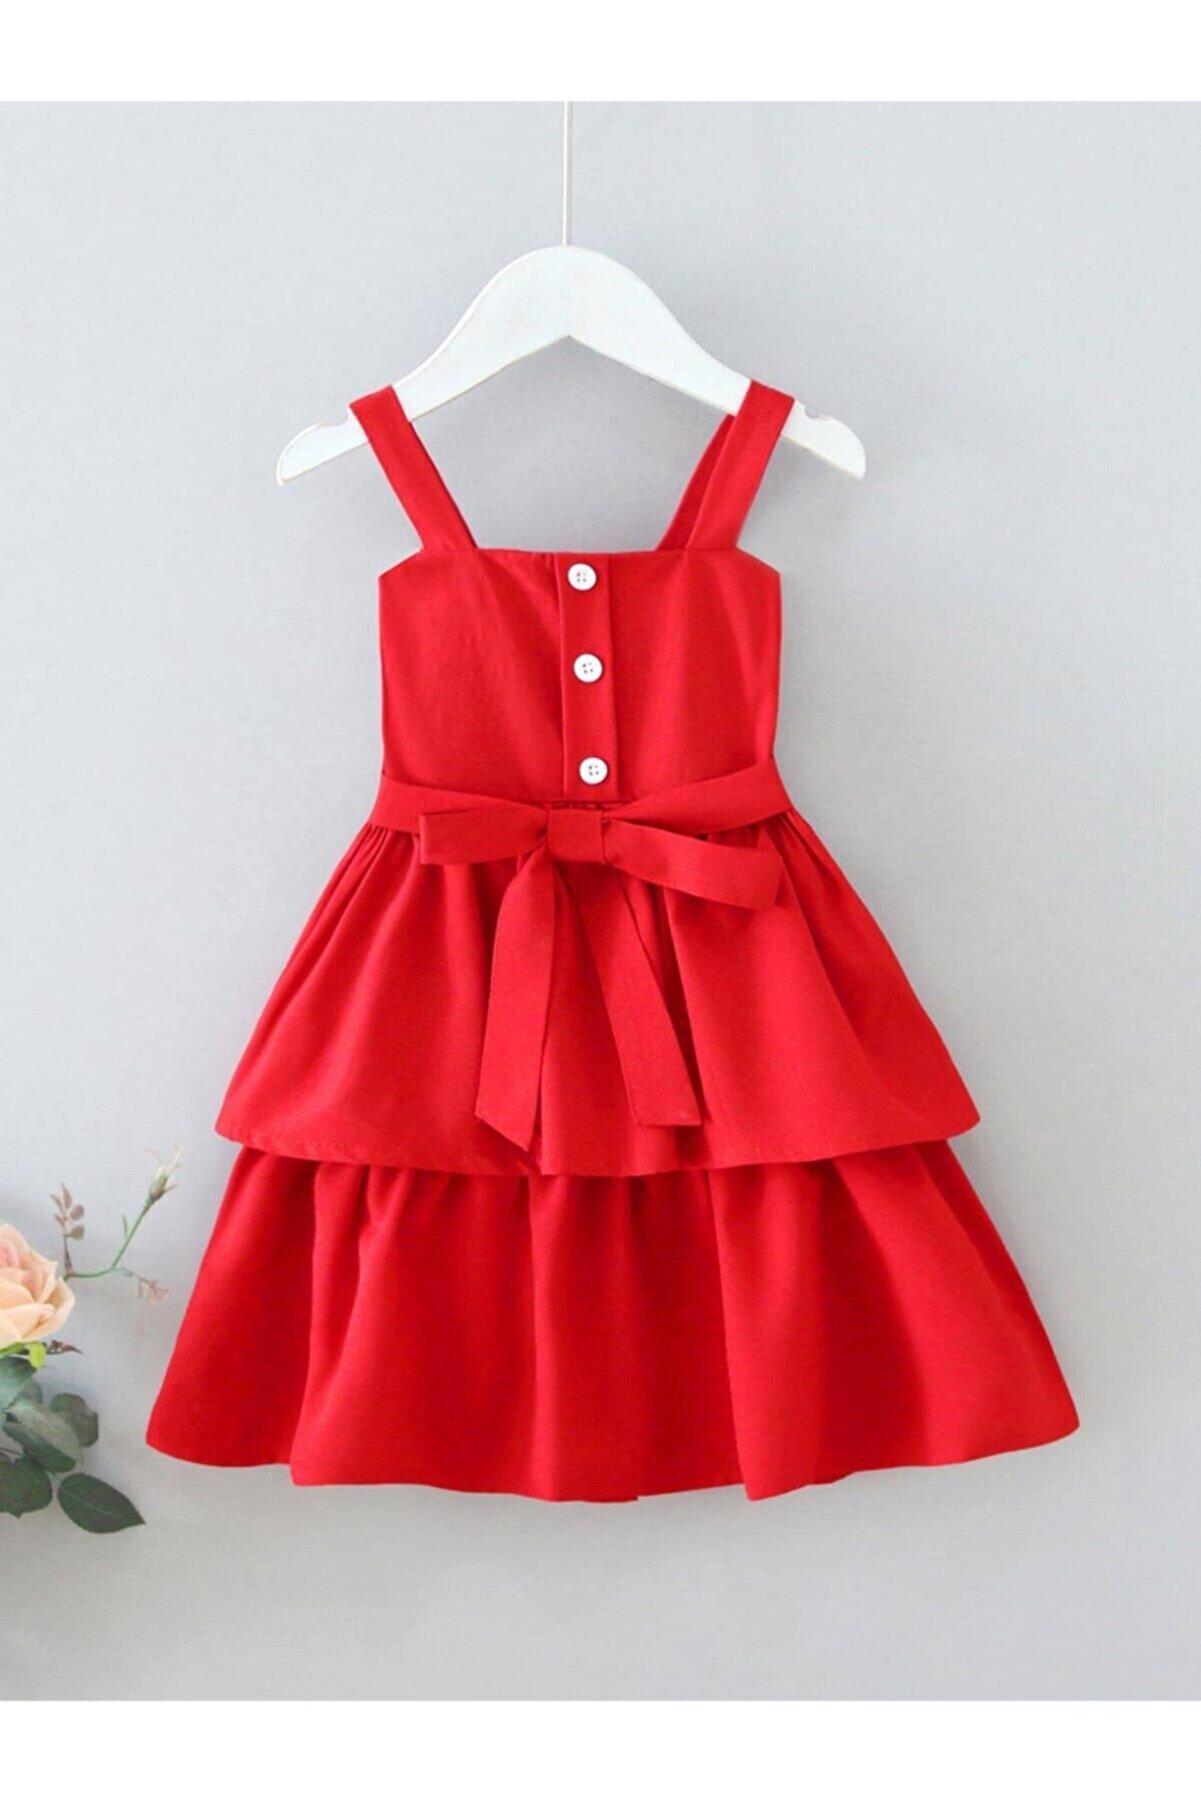 Da&Mira Kız Çocuk Kırmızı Elbise